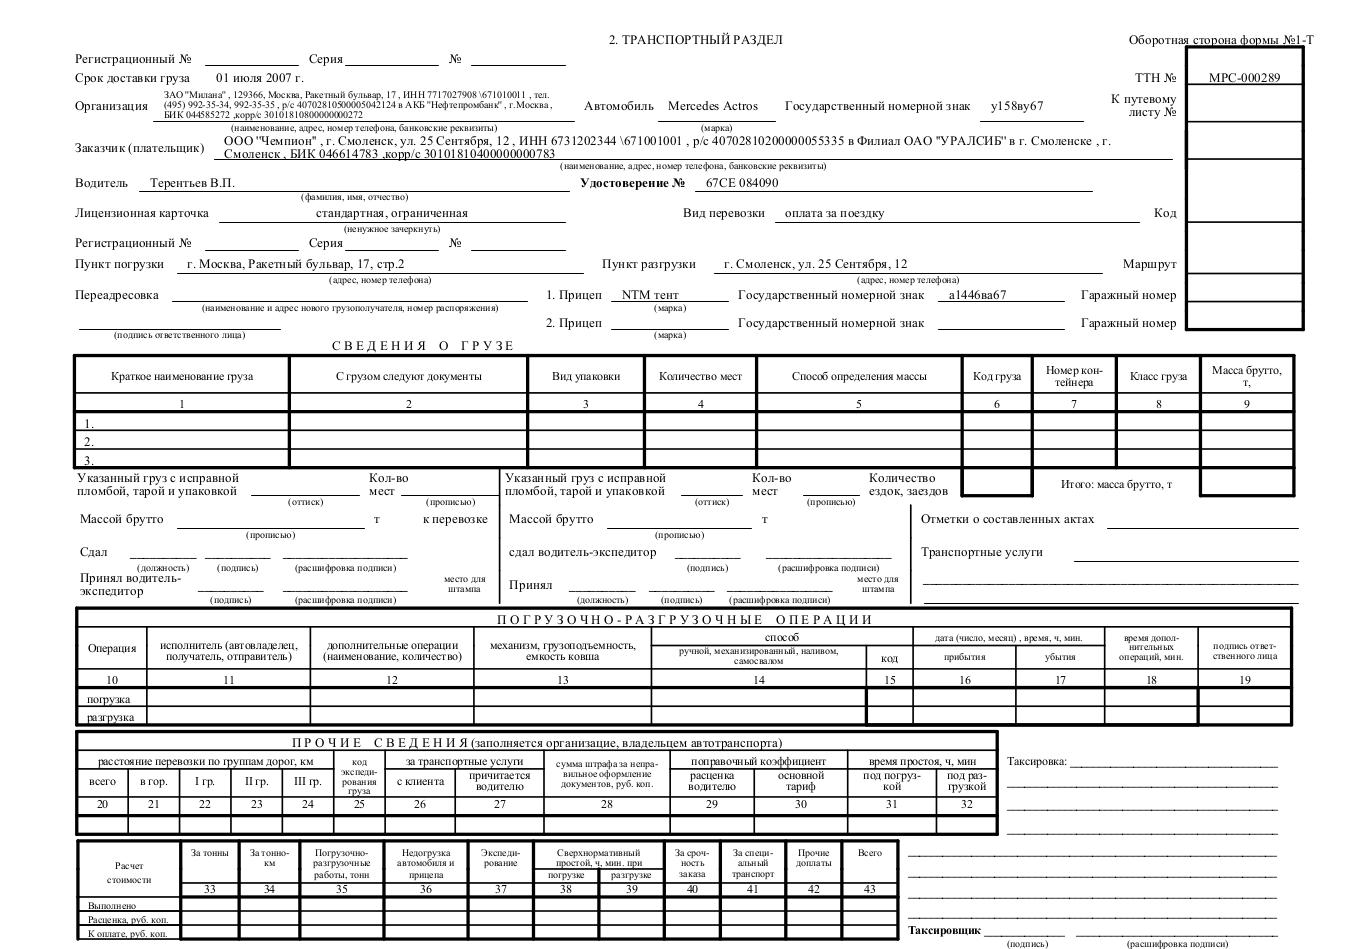 Докладная записка на сотрудника за оскорбление образец